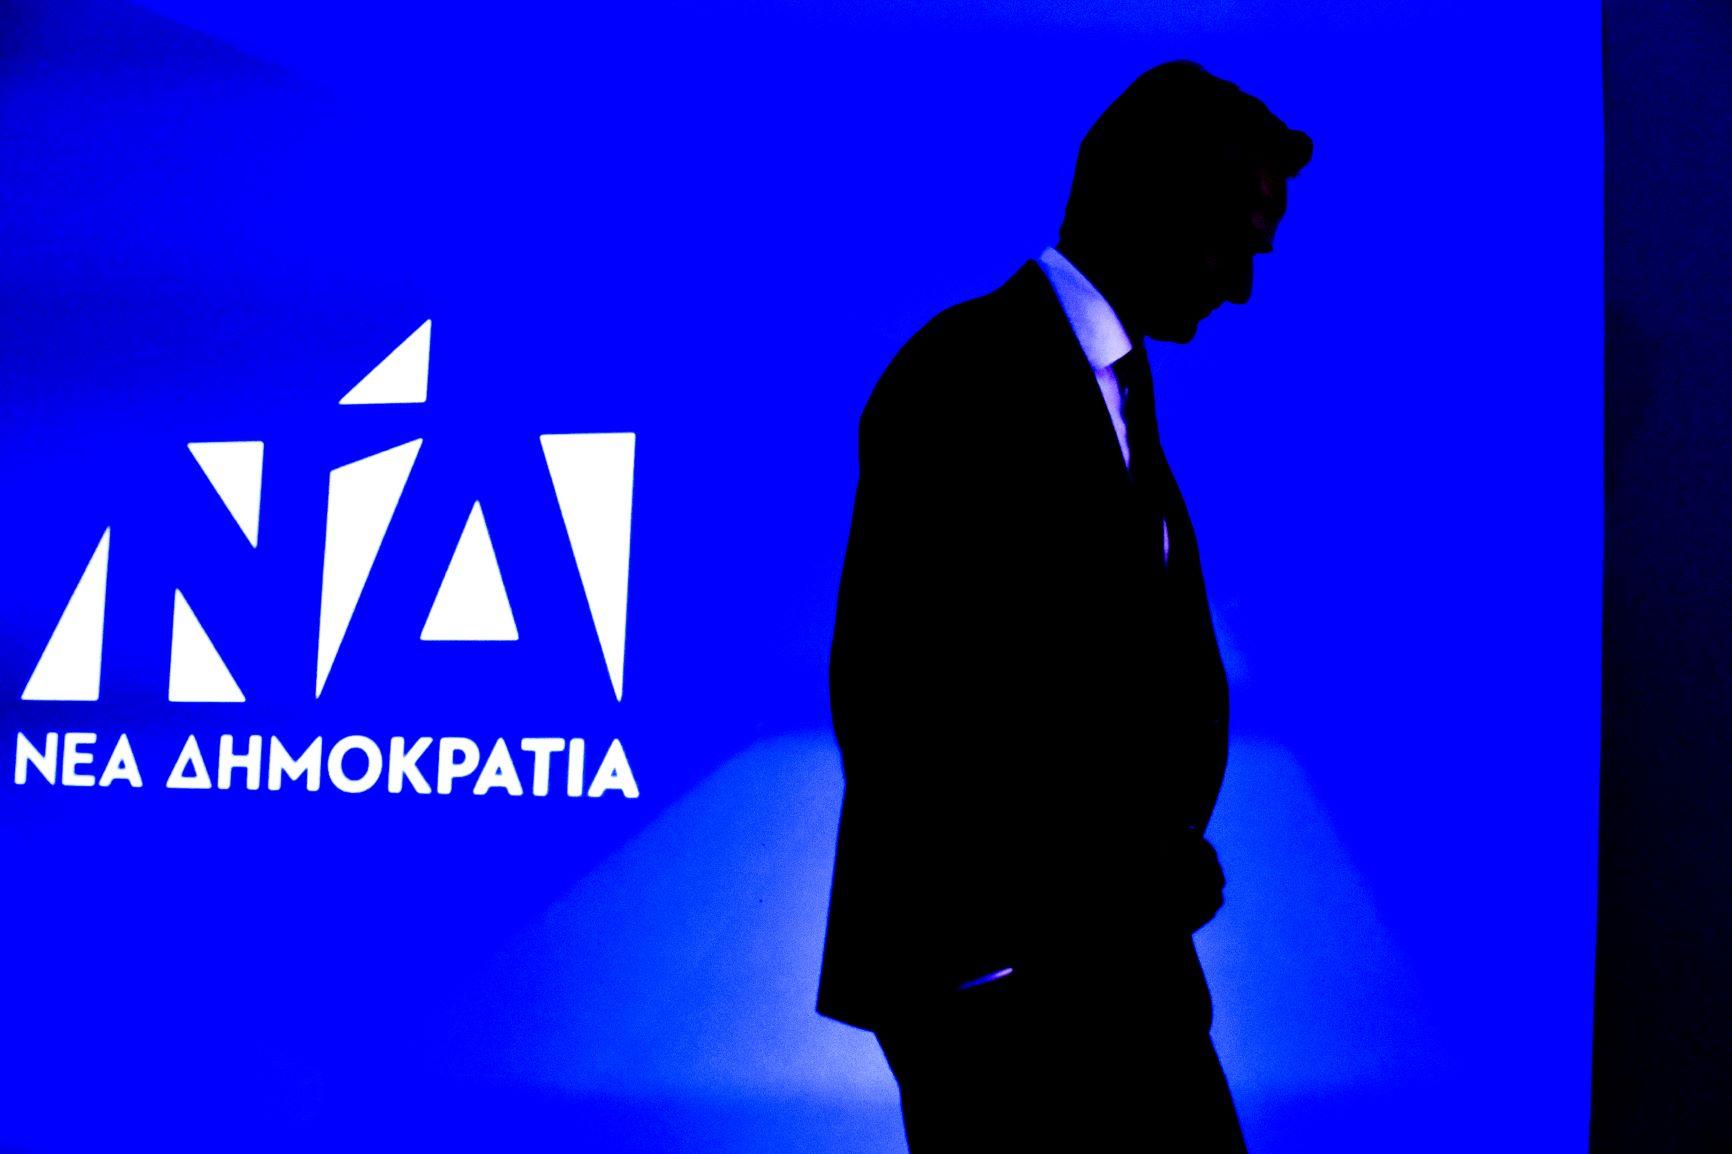 Μουρμούρες των ψηφοφόρων του Πειραιά- Μόνο ένας στο ΤΕΡΑΣΤΙΟ υπουργικό σχήμα